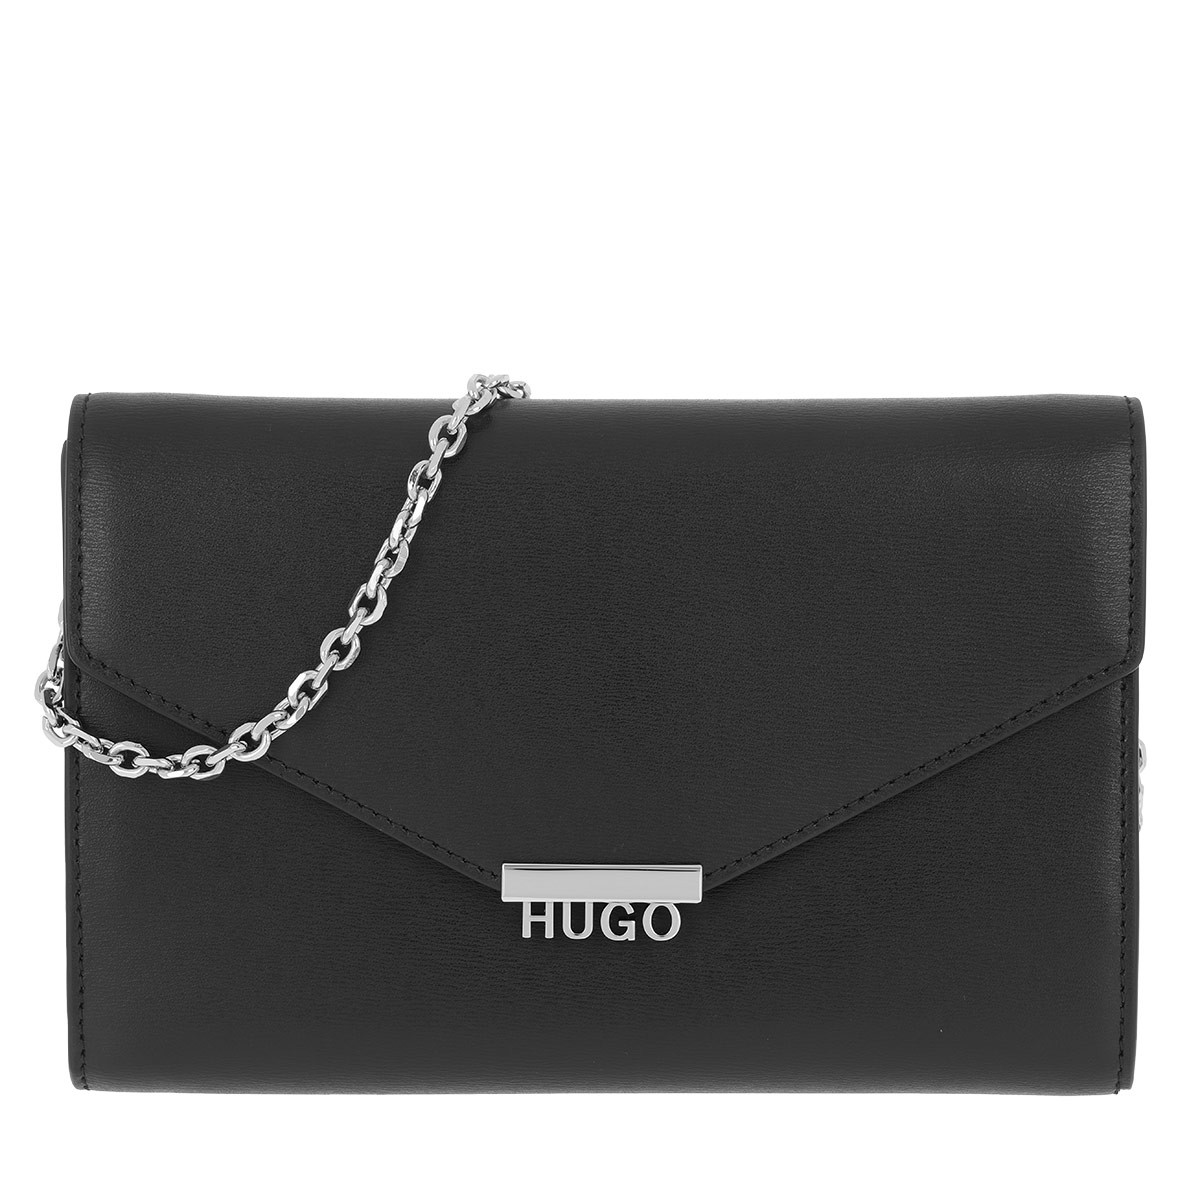 Hugo Umhängetasche - Victoria Clutch Black - in schwarz - für Damen